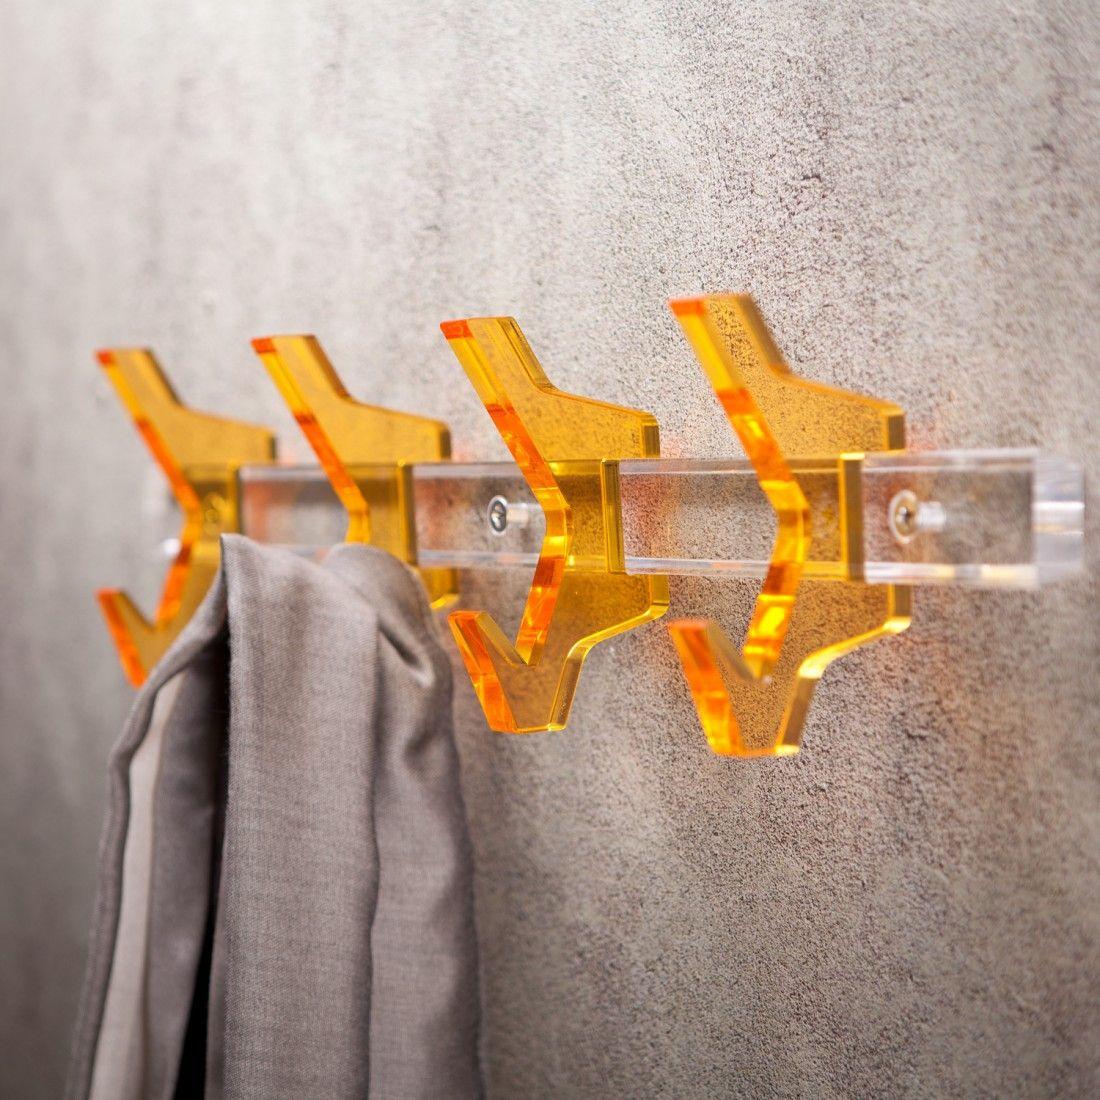 Appendiabito a parete componibile in plexiglass è completo del kit ...